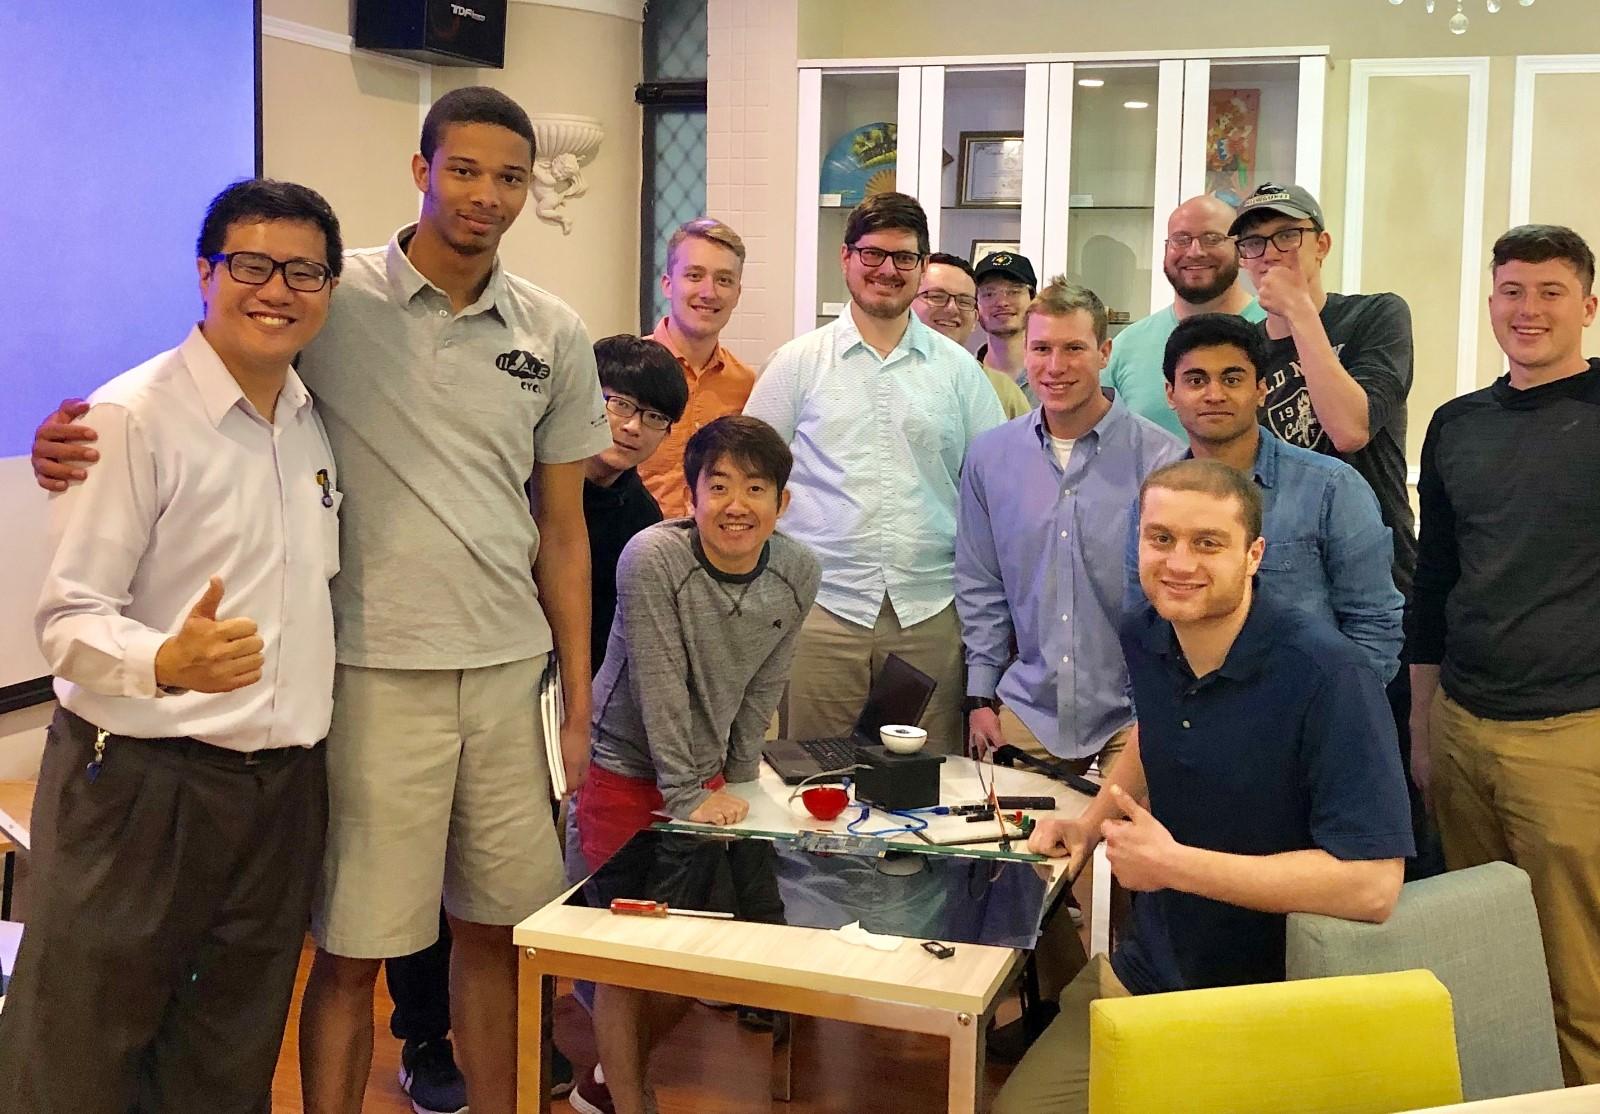 中原大學為鴻海培育國際人才,美國UWM大學交換生在中原大學進行跨國學習。.jpg